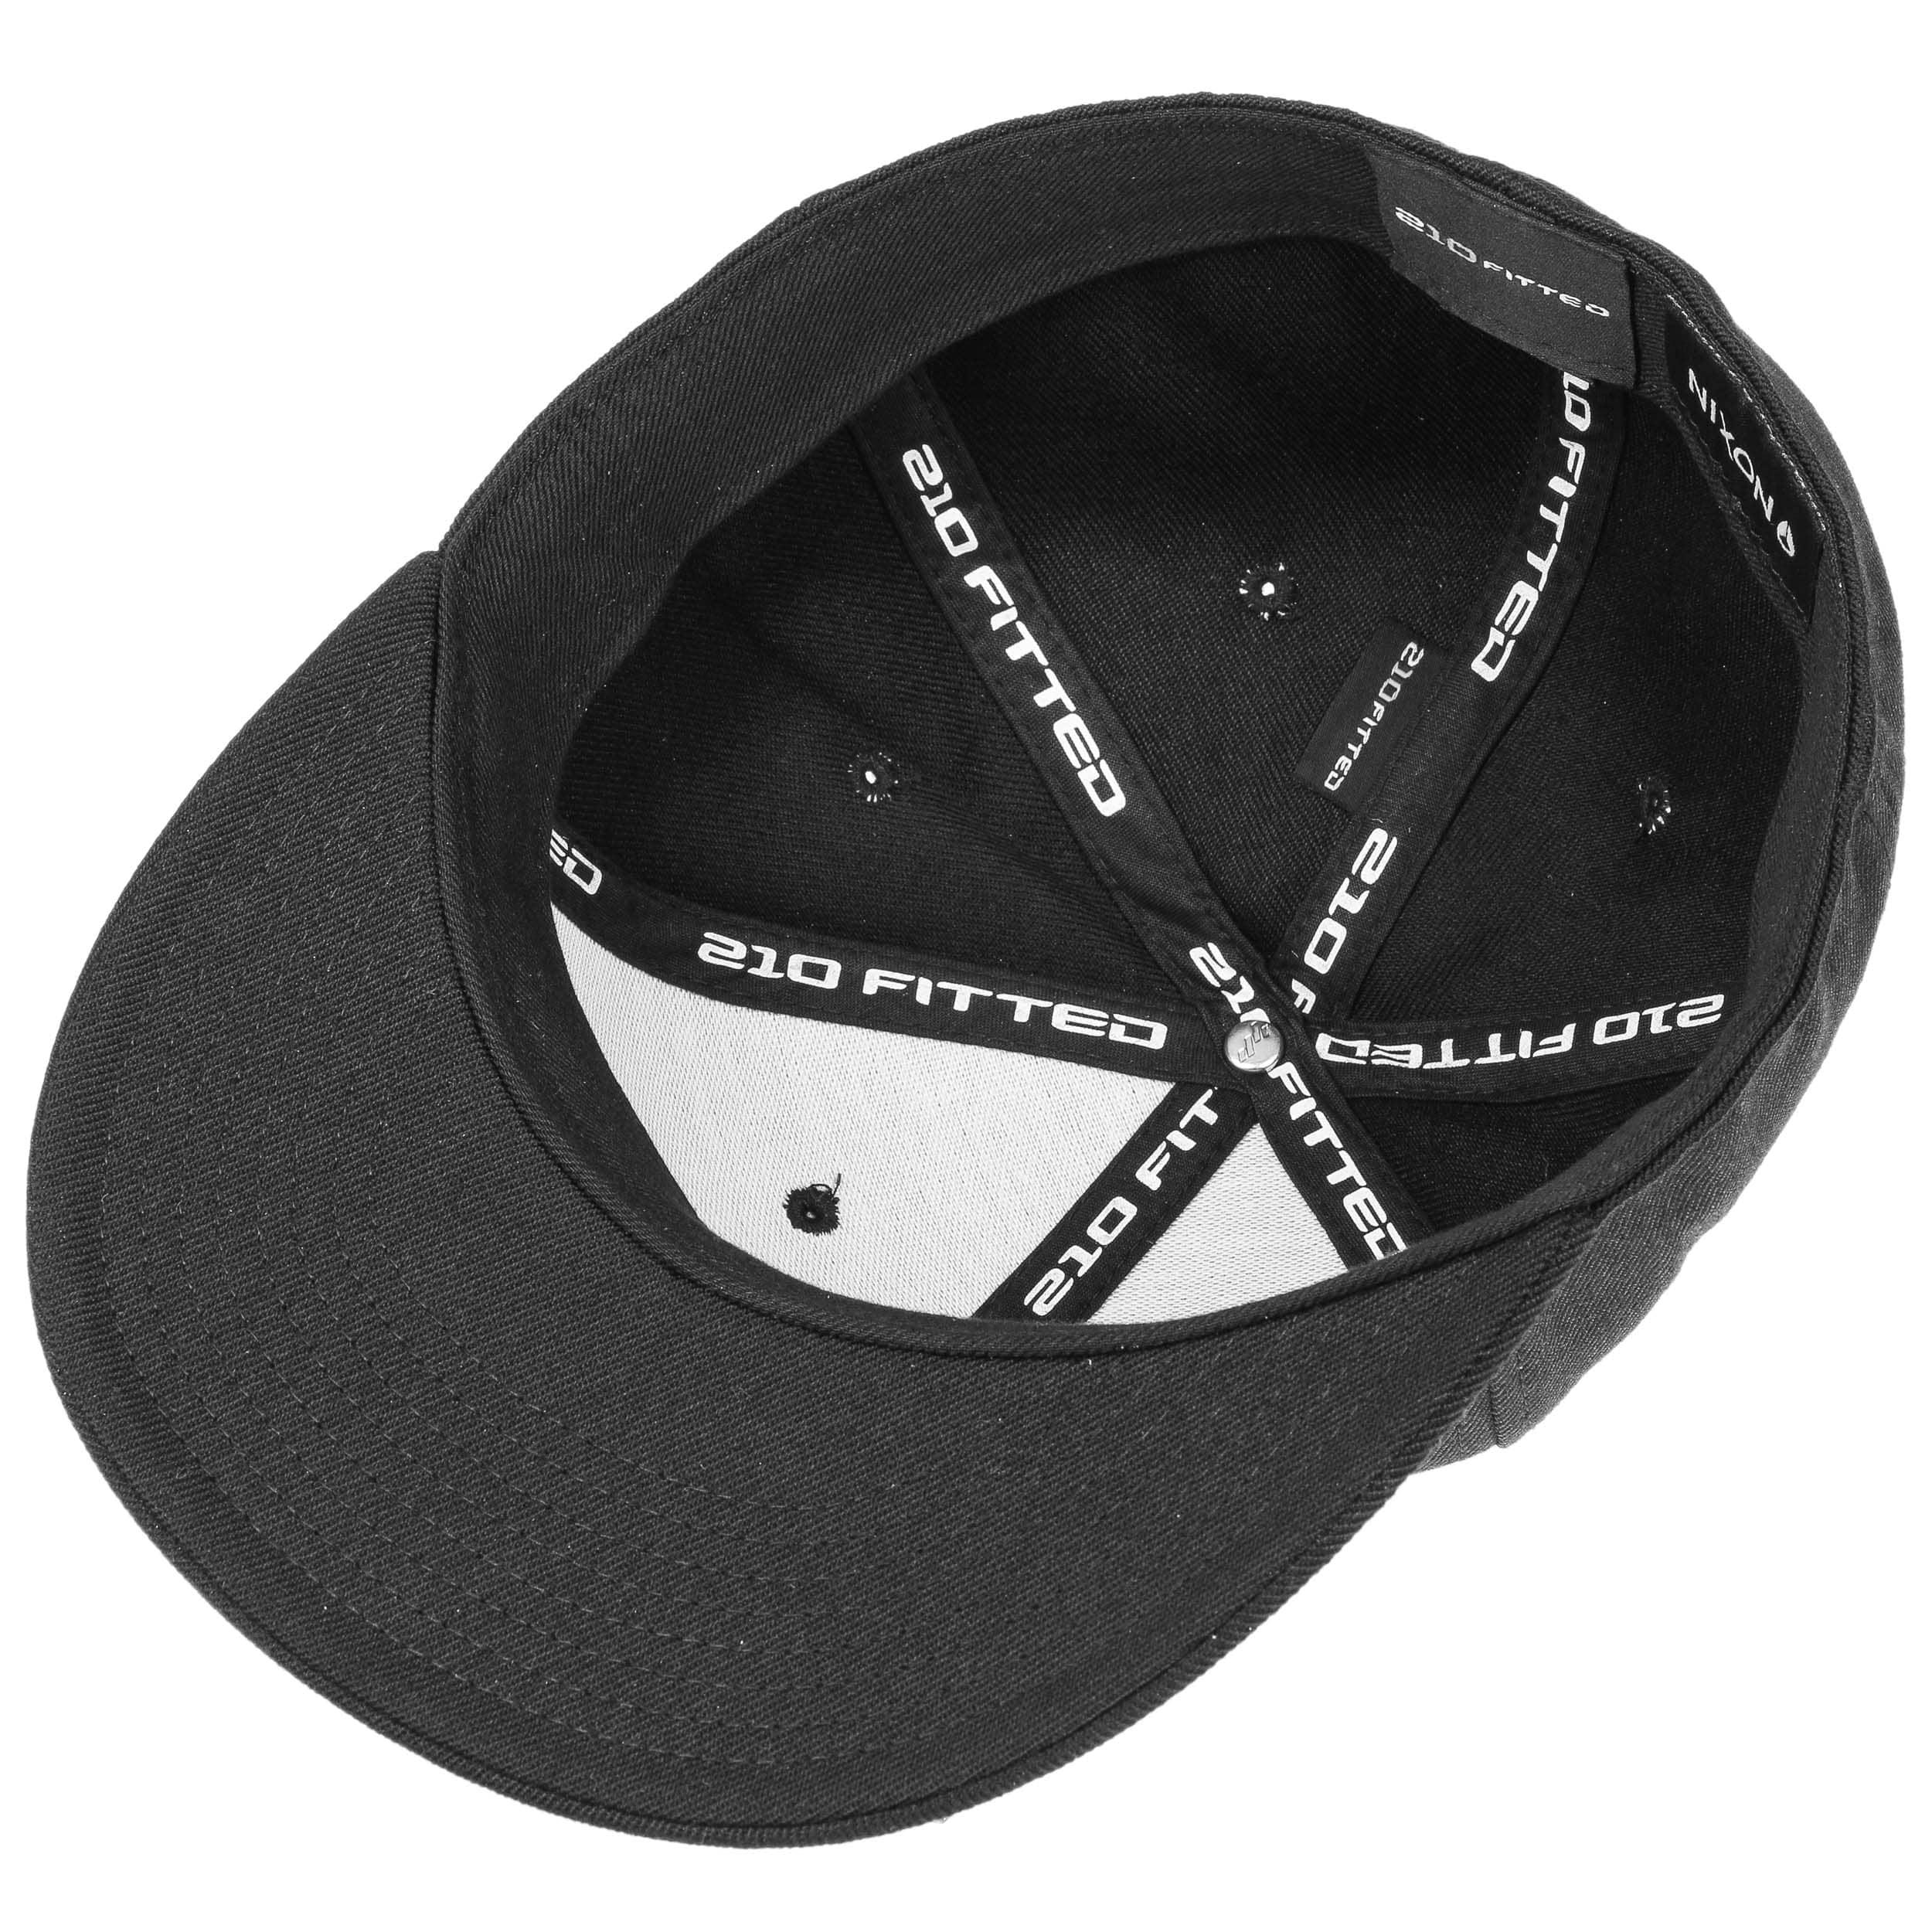 ... Deep Down Flexfit Cap by Nixon - black-white 1 ... 844f78e4c5e9